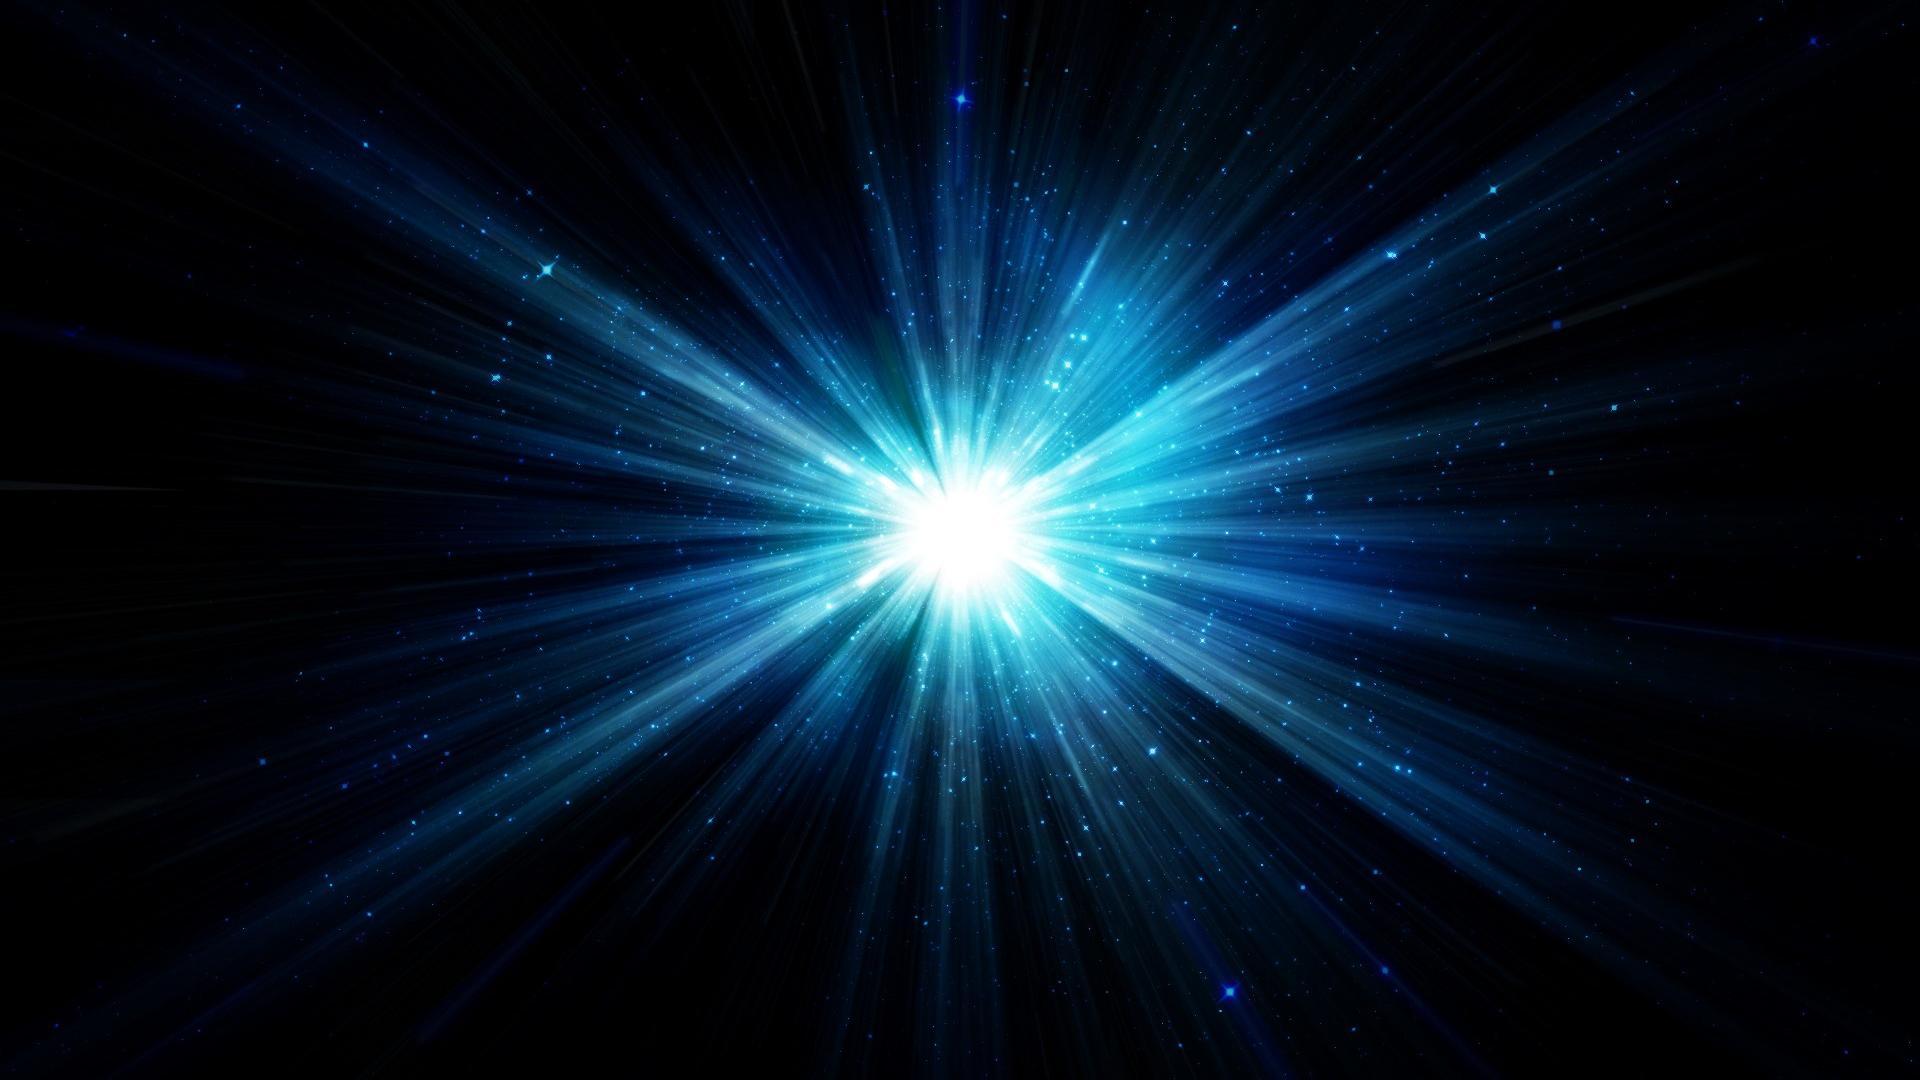 Star HD 1920x1080 1920x1080